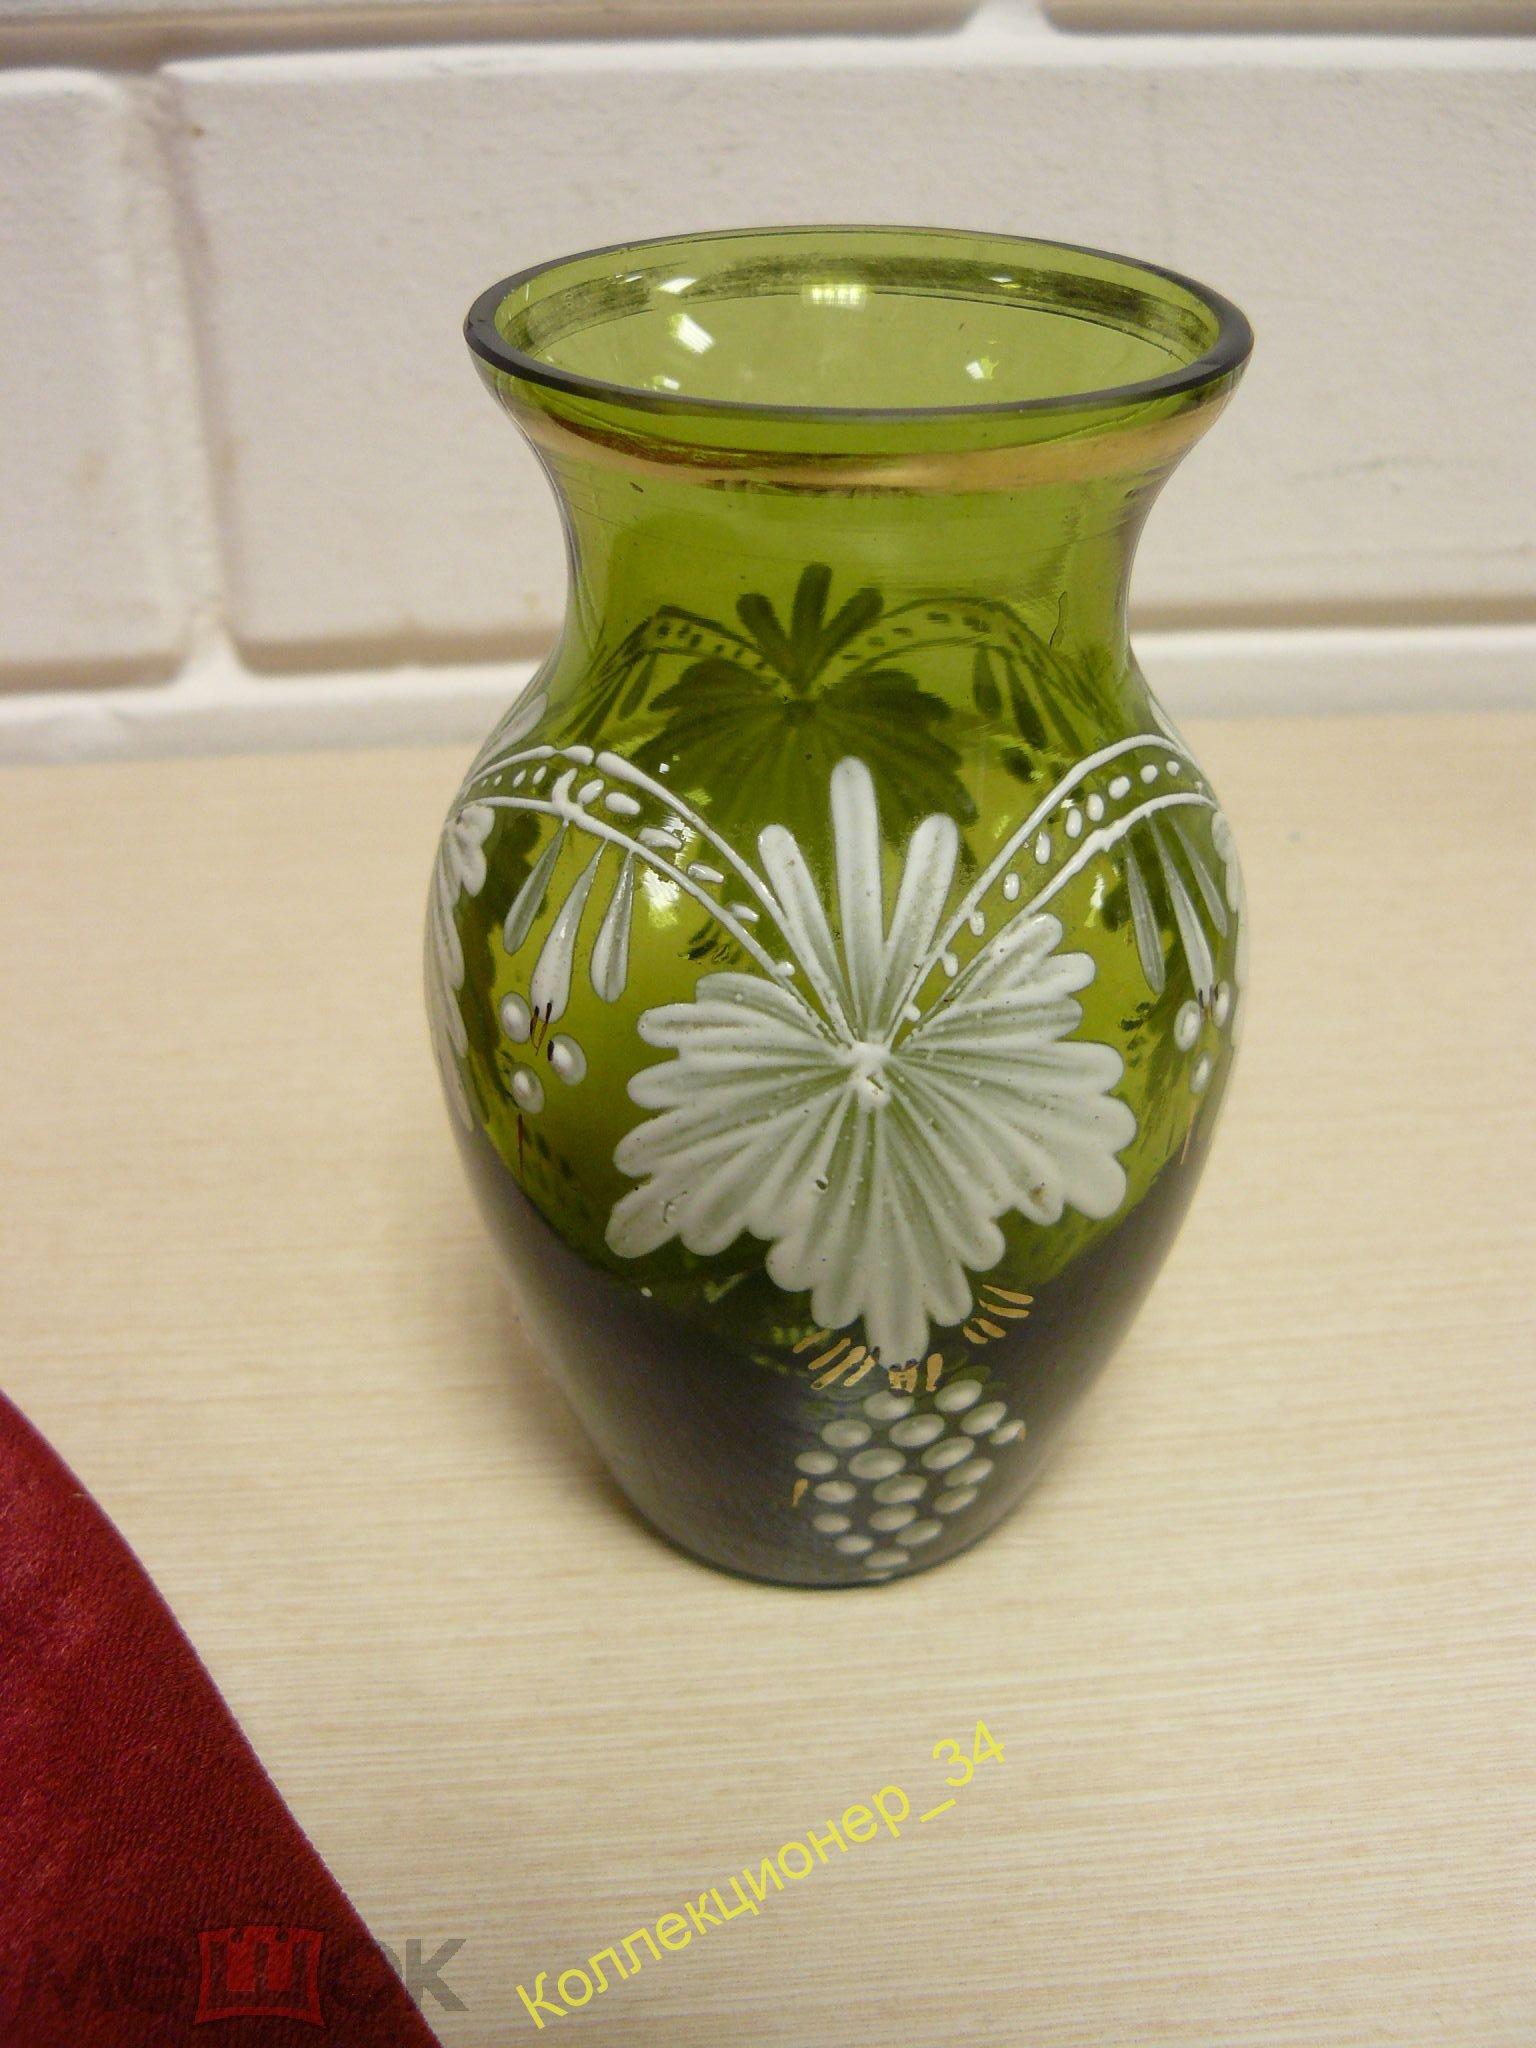 Миниатюрная красивая вазочка, цветное стекло, рельефное покрытие рисунка! 11см, СССР